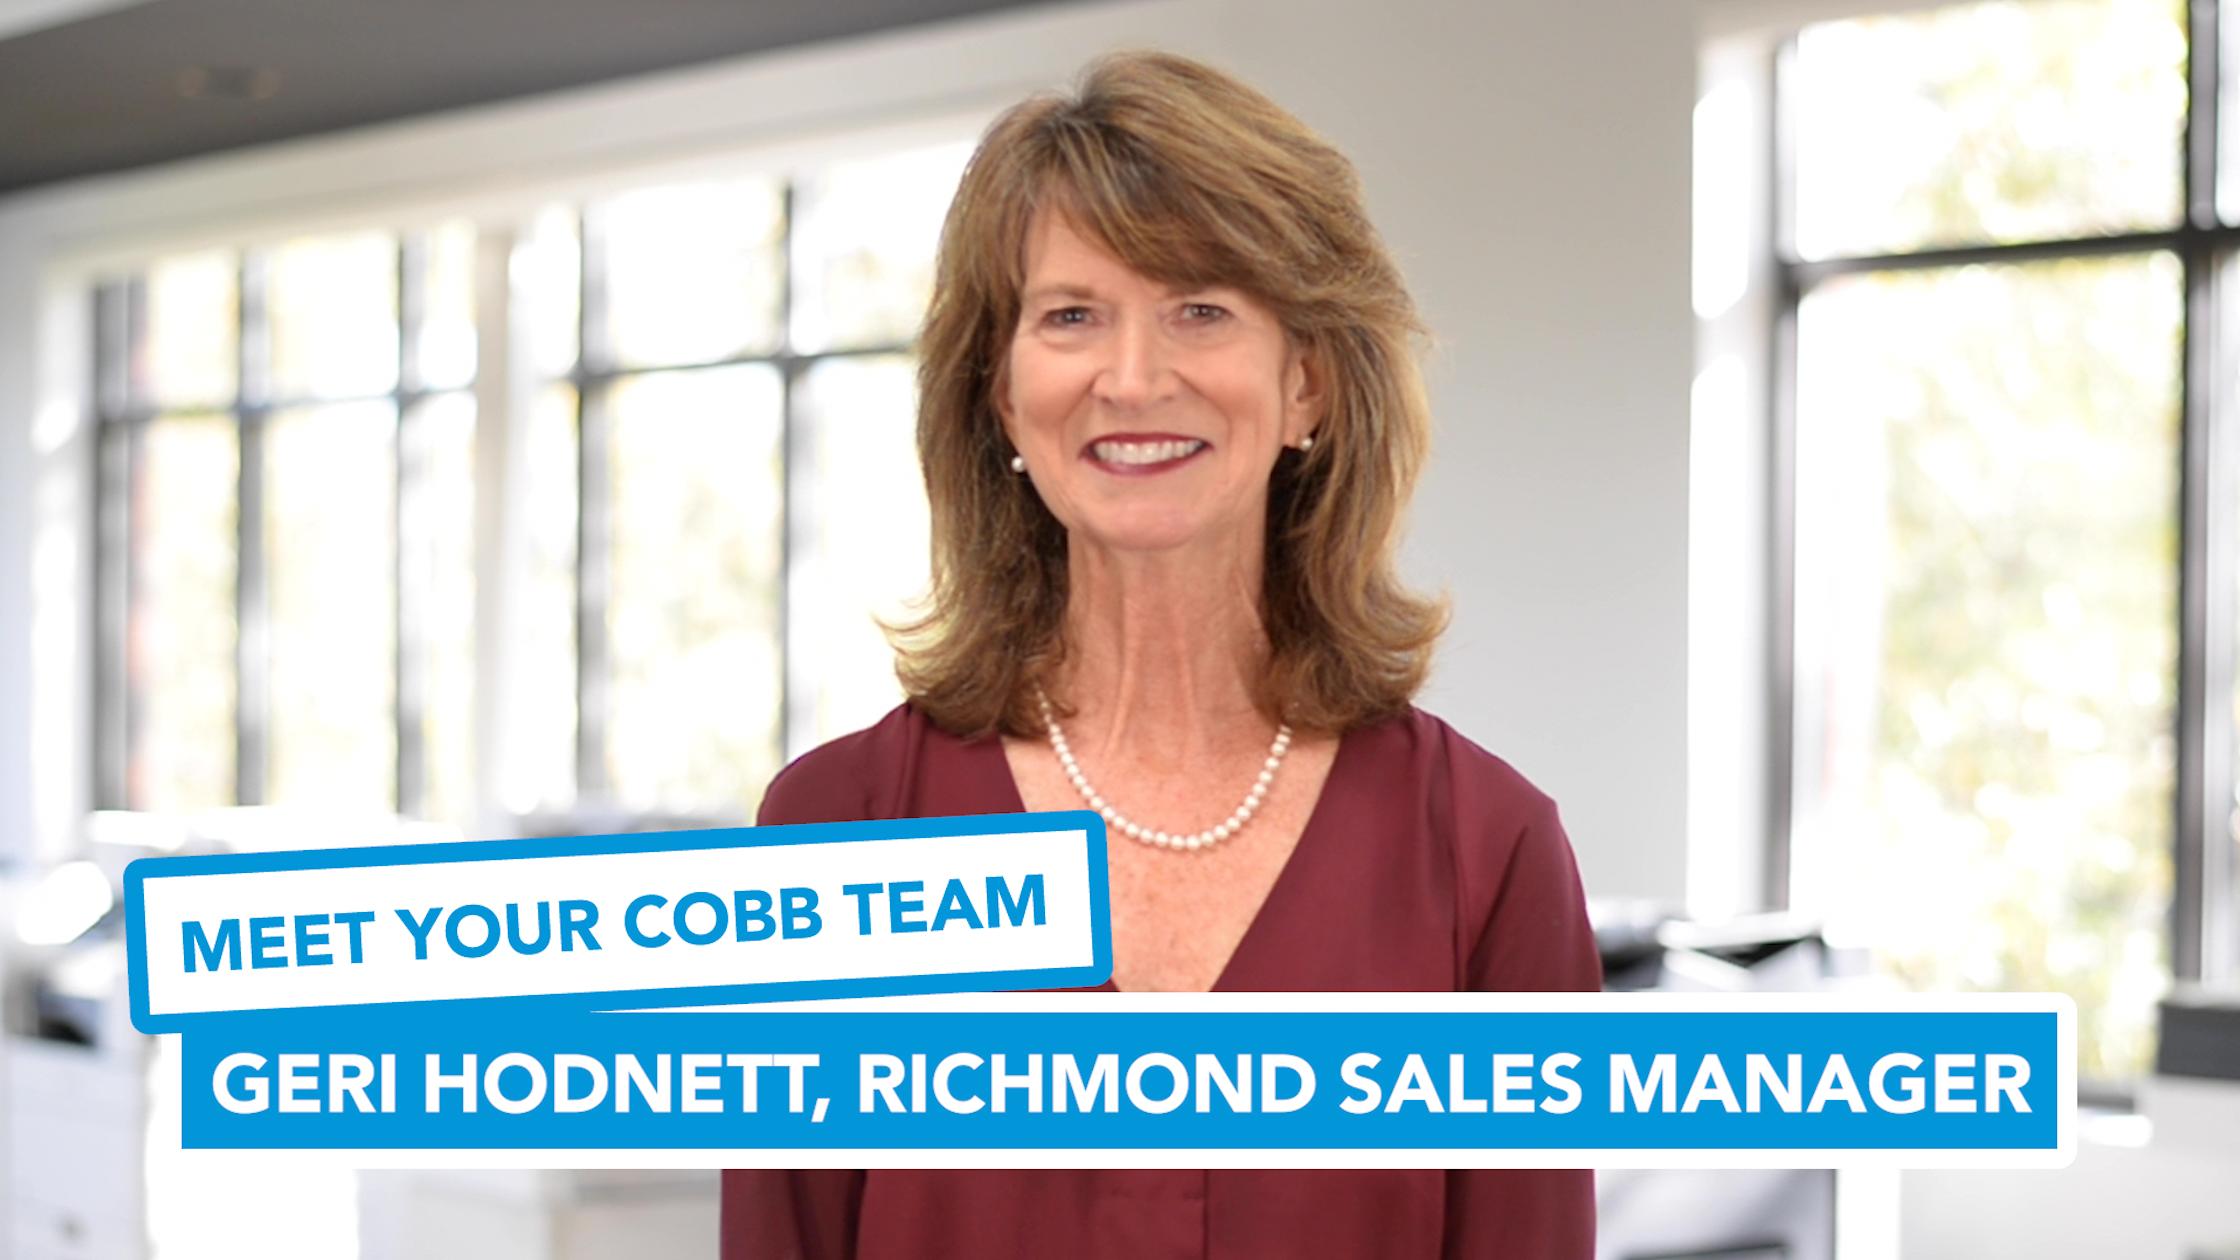 Meet Your Cobb Team: Geri Hodnett, Richmond Sales Manager